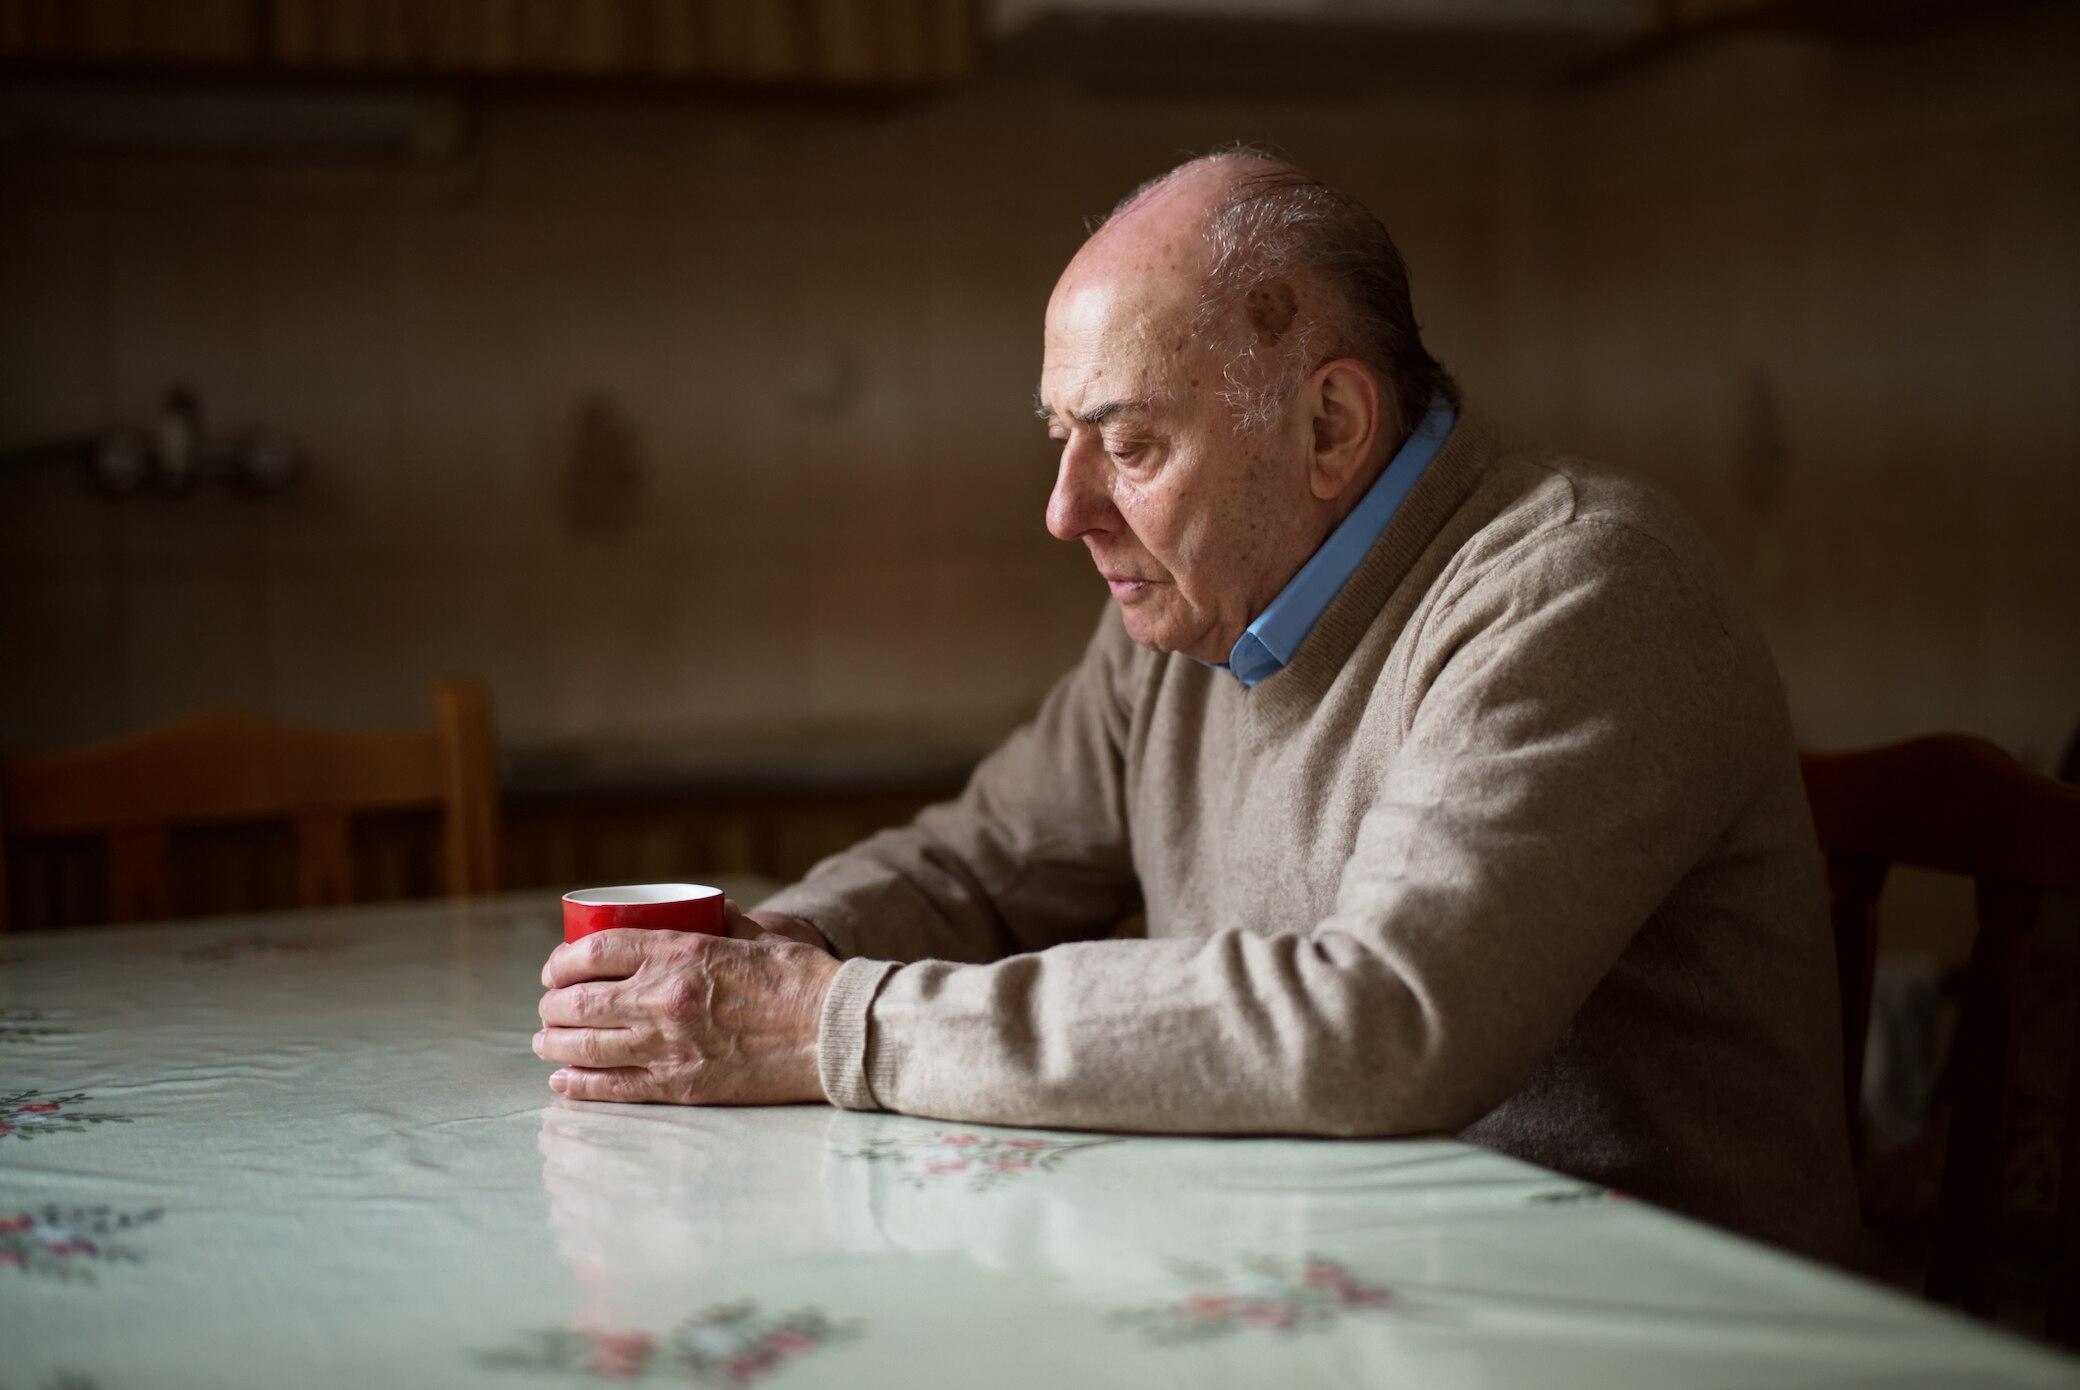 Einsamkeit für Männer so krebserregend wie Rauchen - FITBOOK